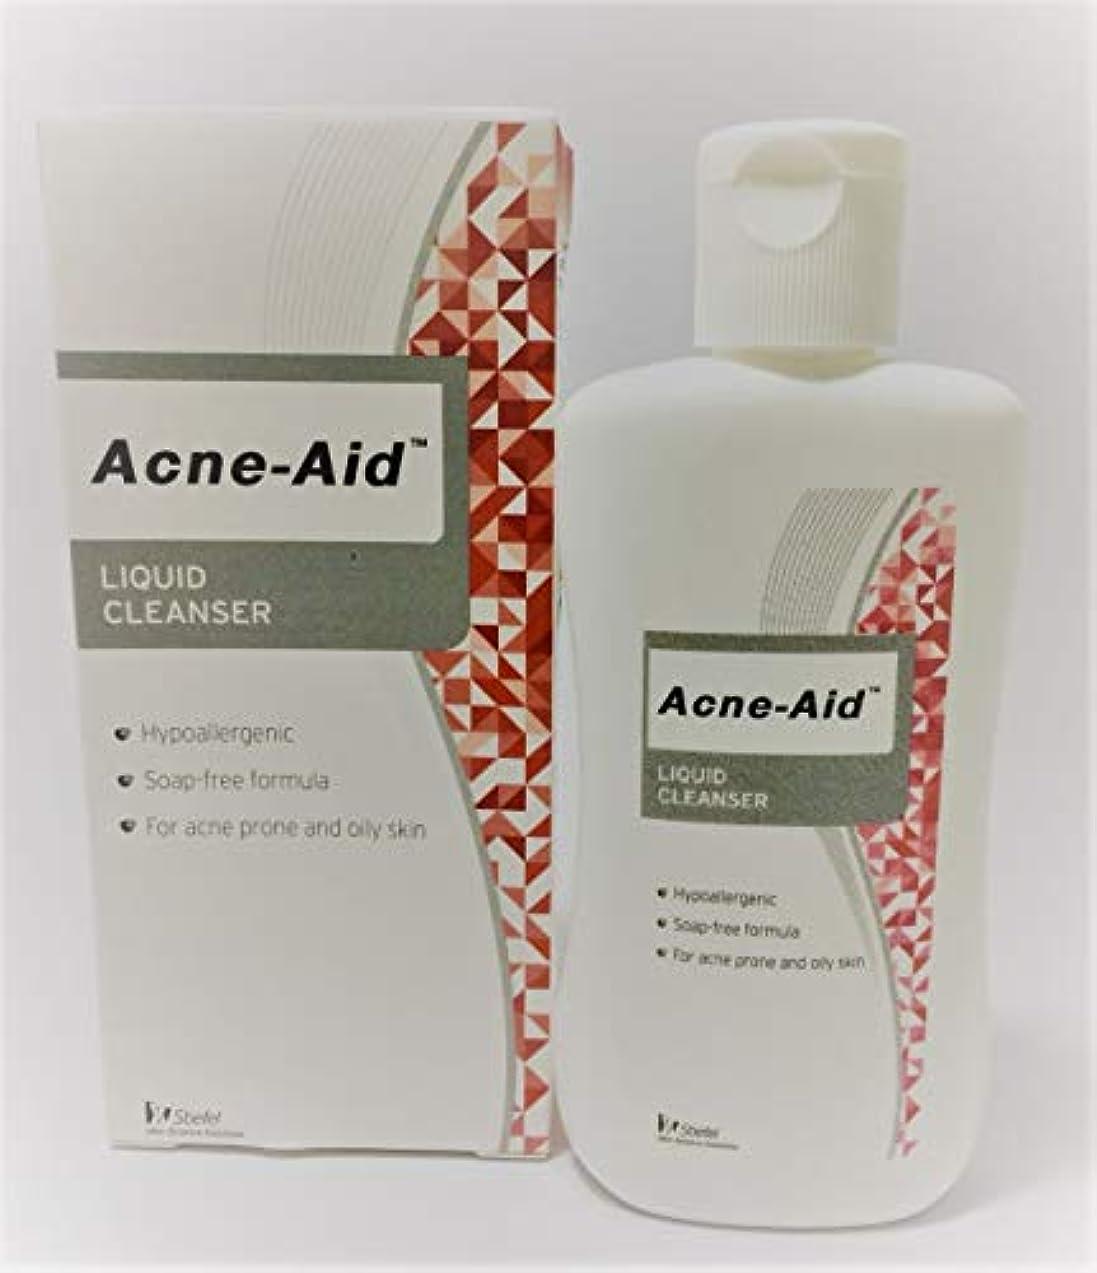 可動追い付く句読点Acne Aid液体クレンザー100 ml。(1 box)